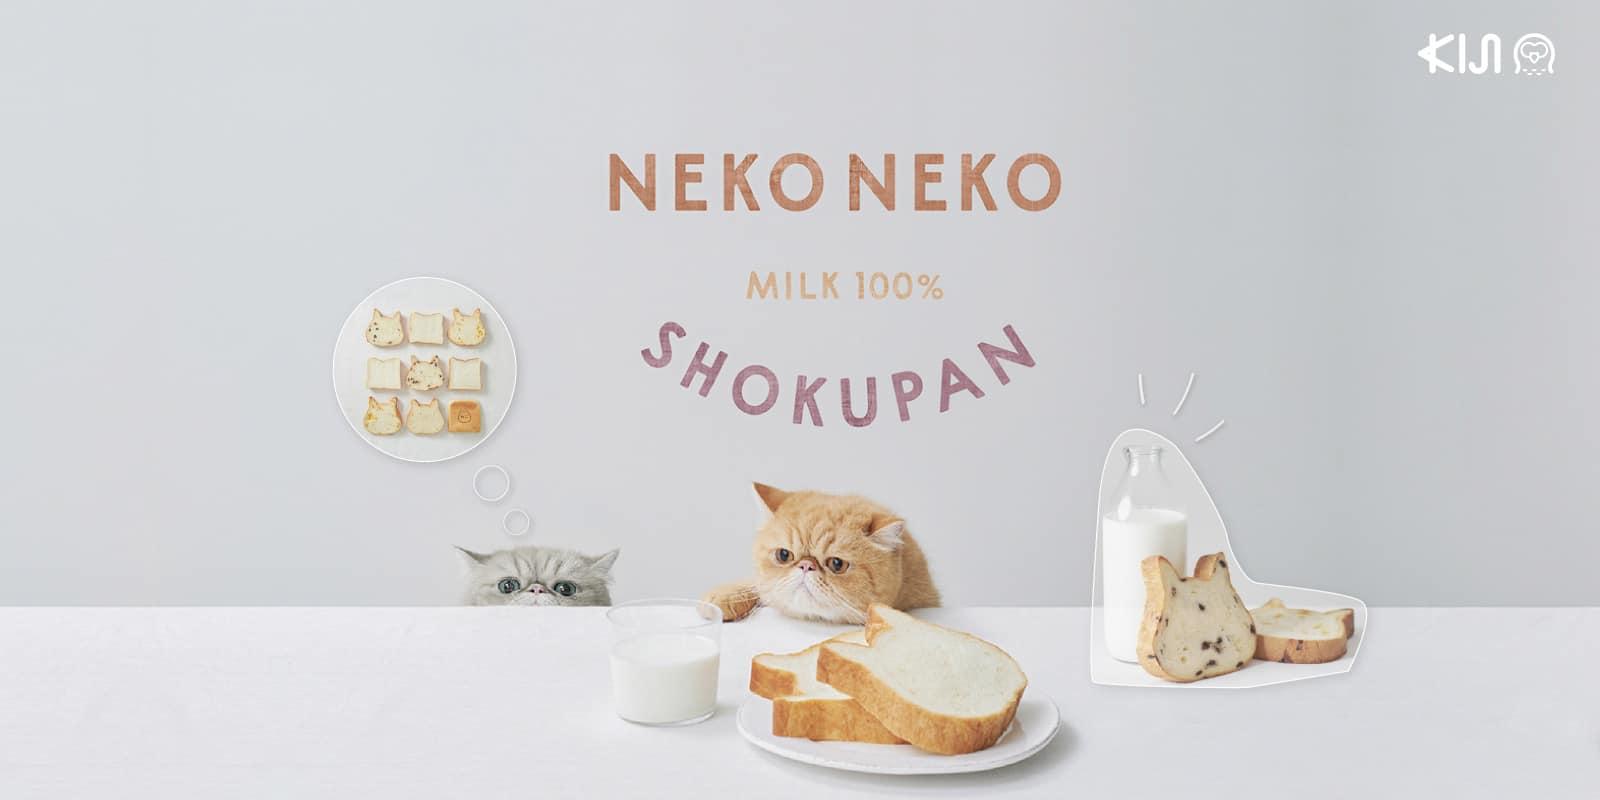 Neko Neko Shokupan สาขาฟุกุโอกะ (Fukuoka)